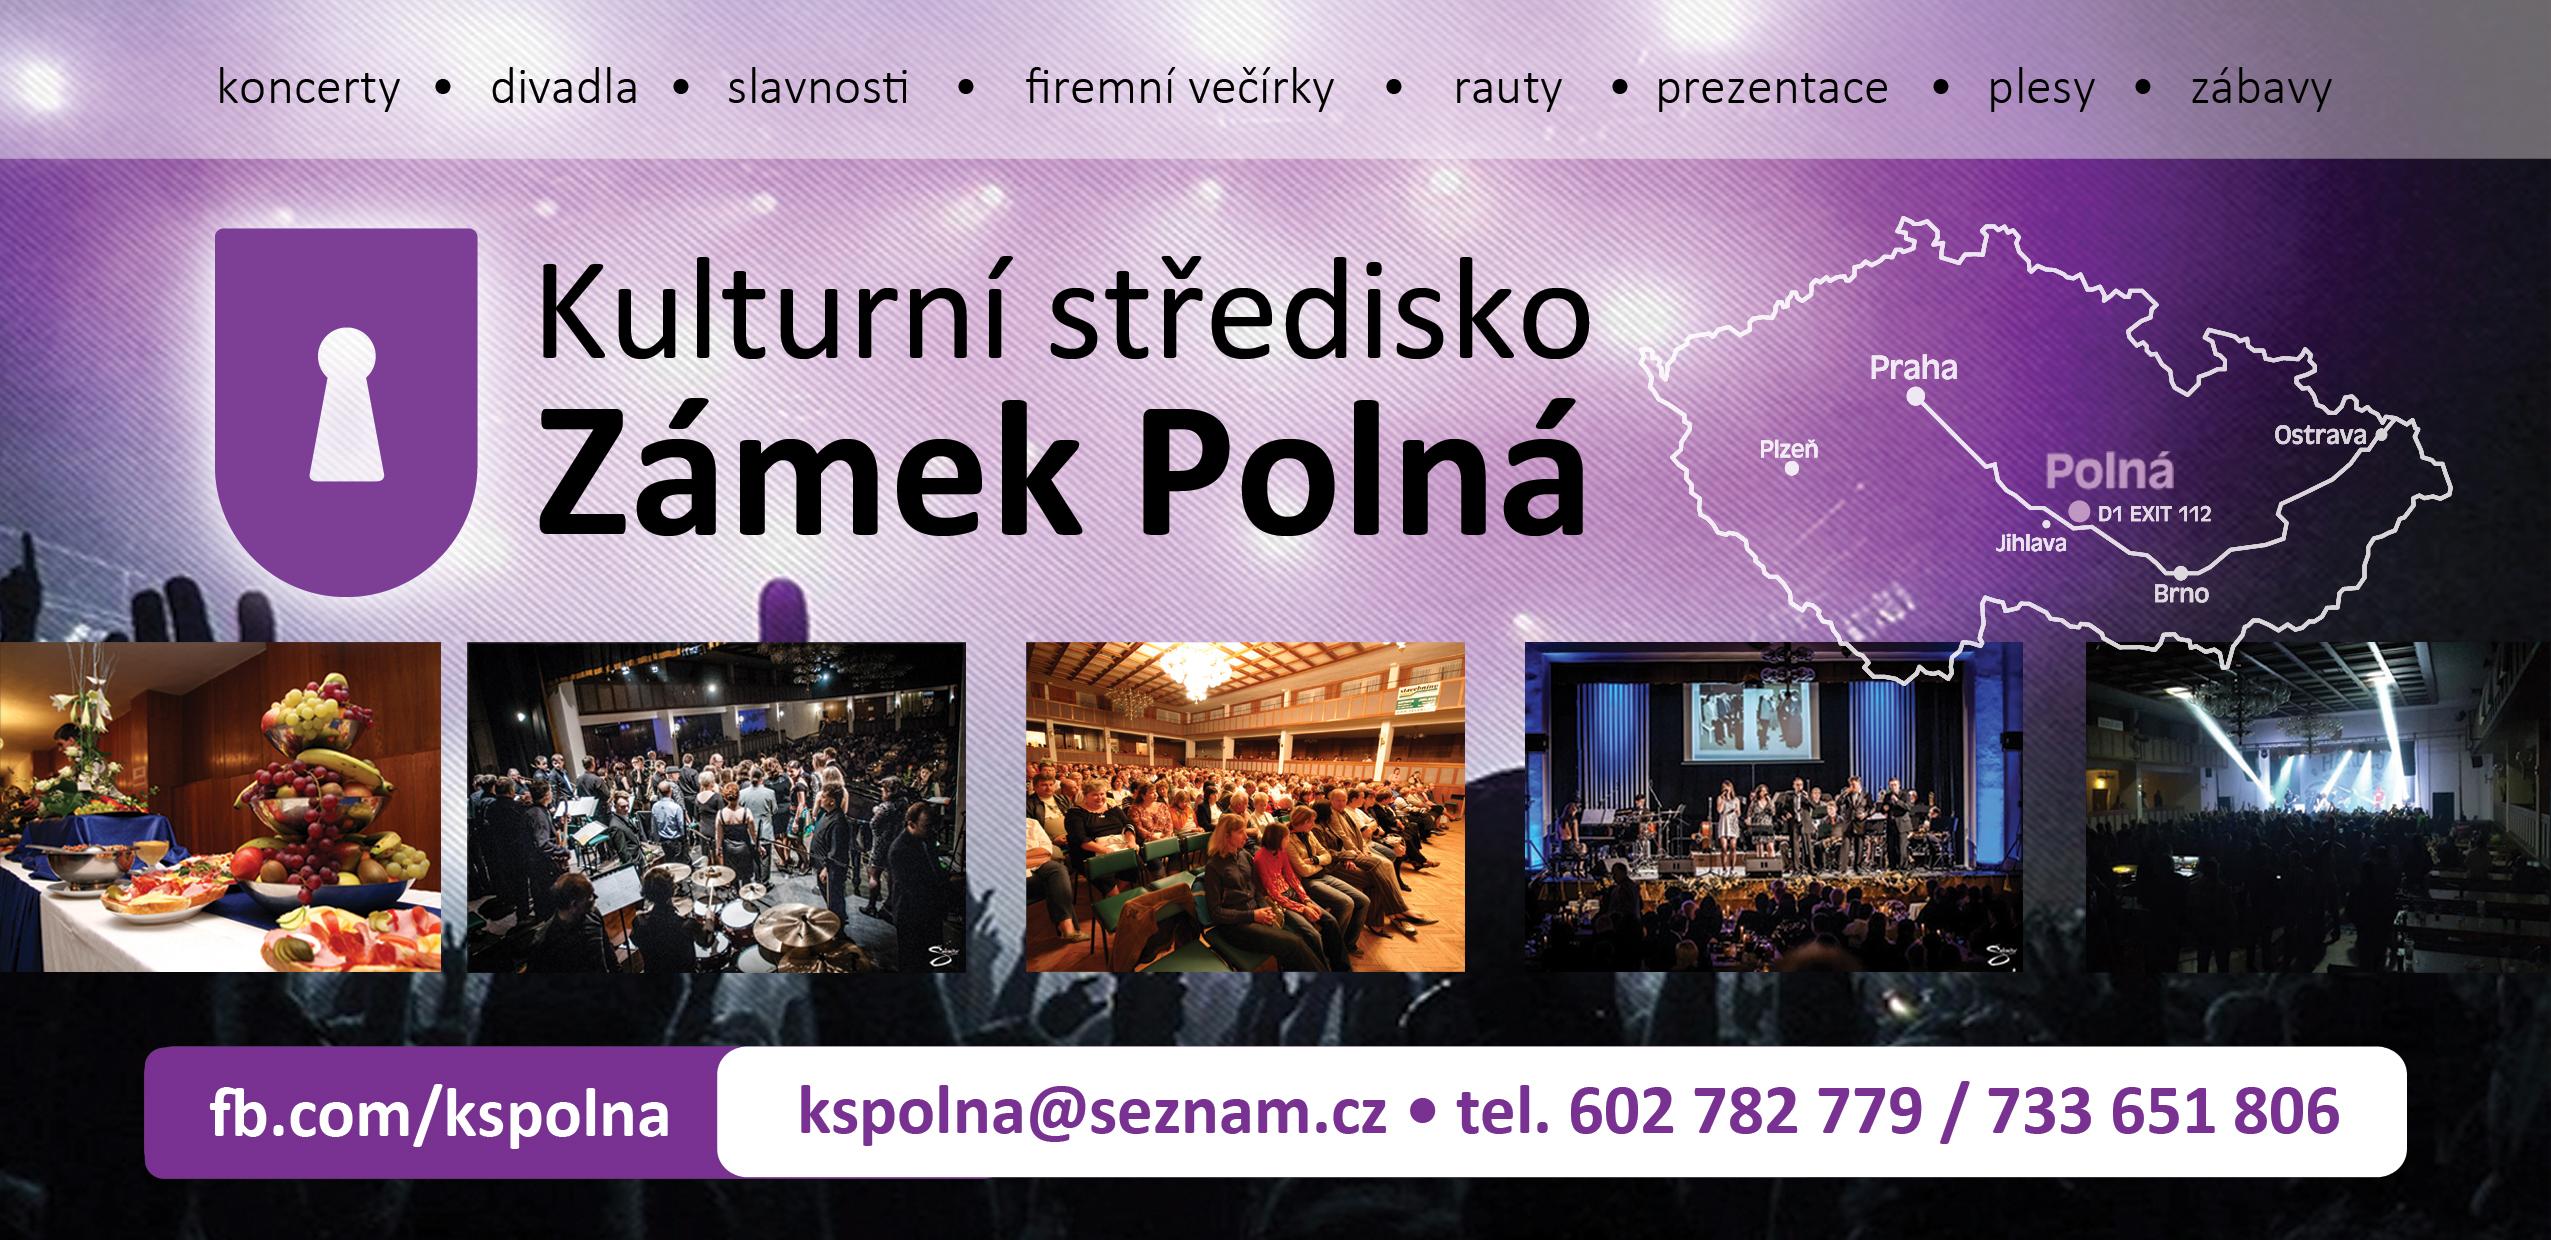 Kulturní středisko Zámek Polná